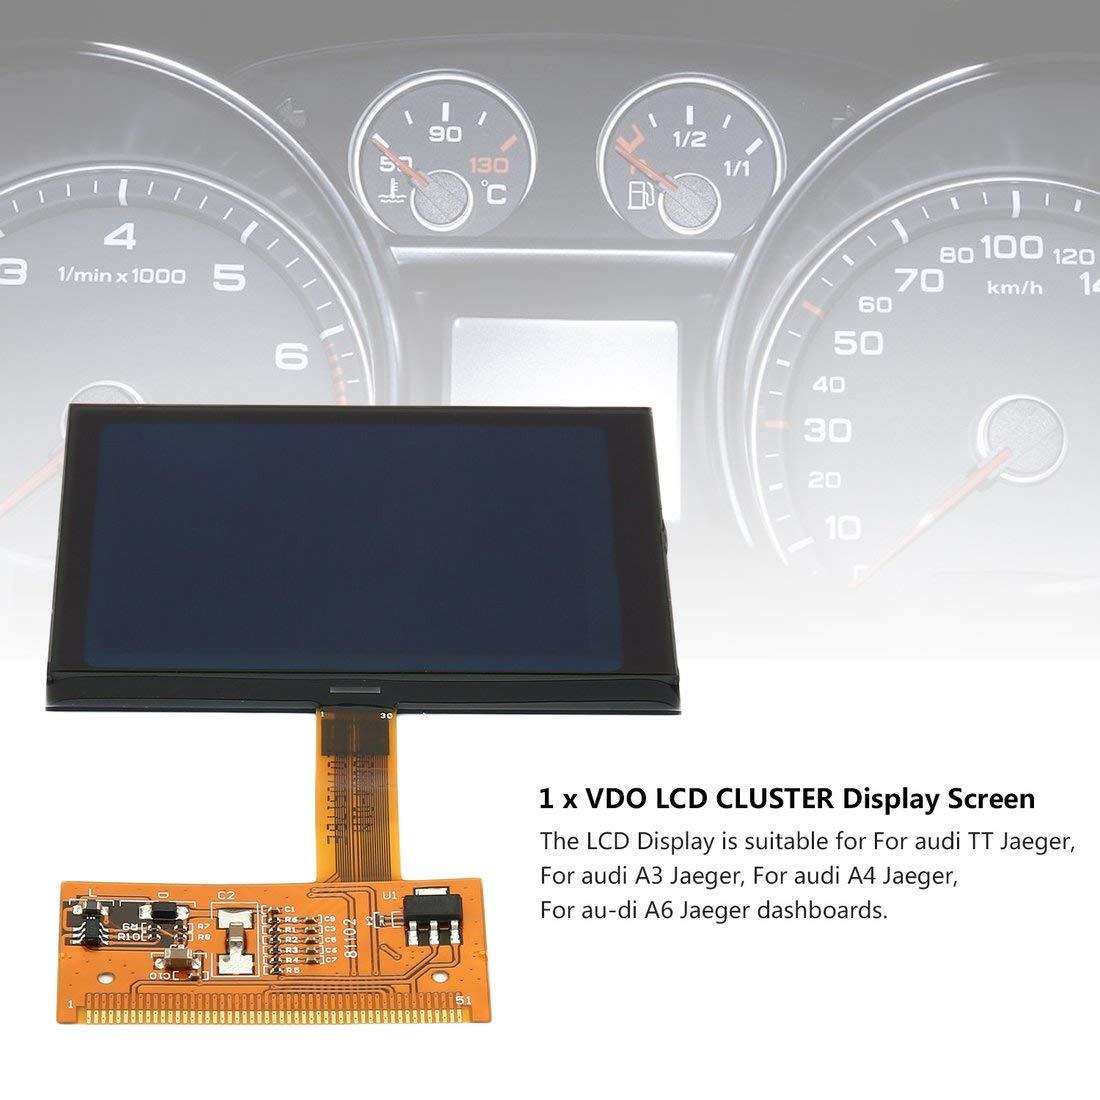 Formulaone TT Pantalla LCD para VW Audi TT Jaeger Nueva VDO FIS Cluster Pantalla LCD para Audi A3 A4 A6 Super Calidad: Amazon.es: Coche y moto